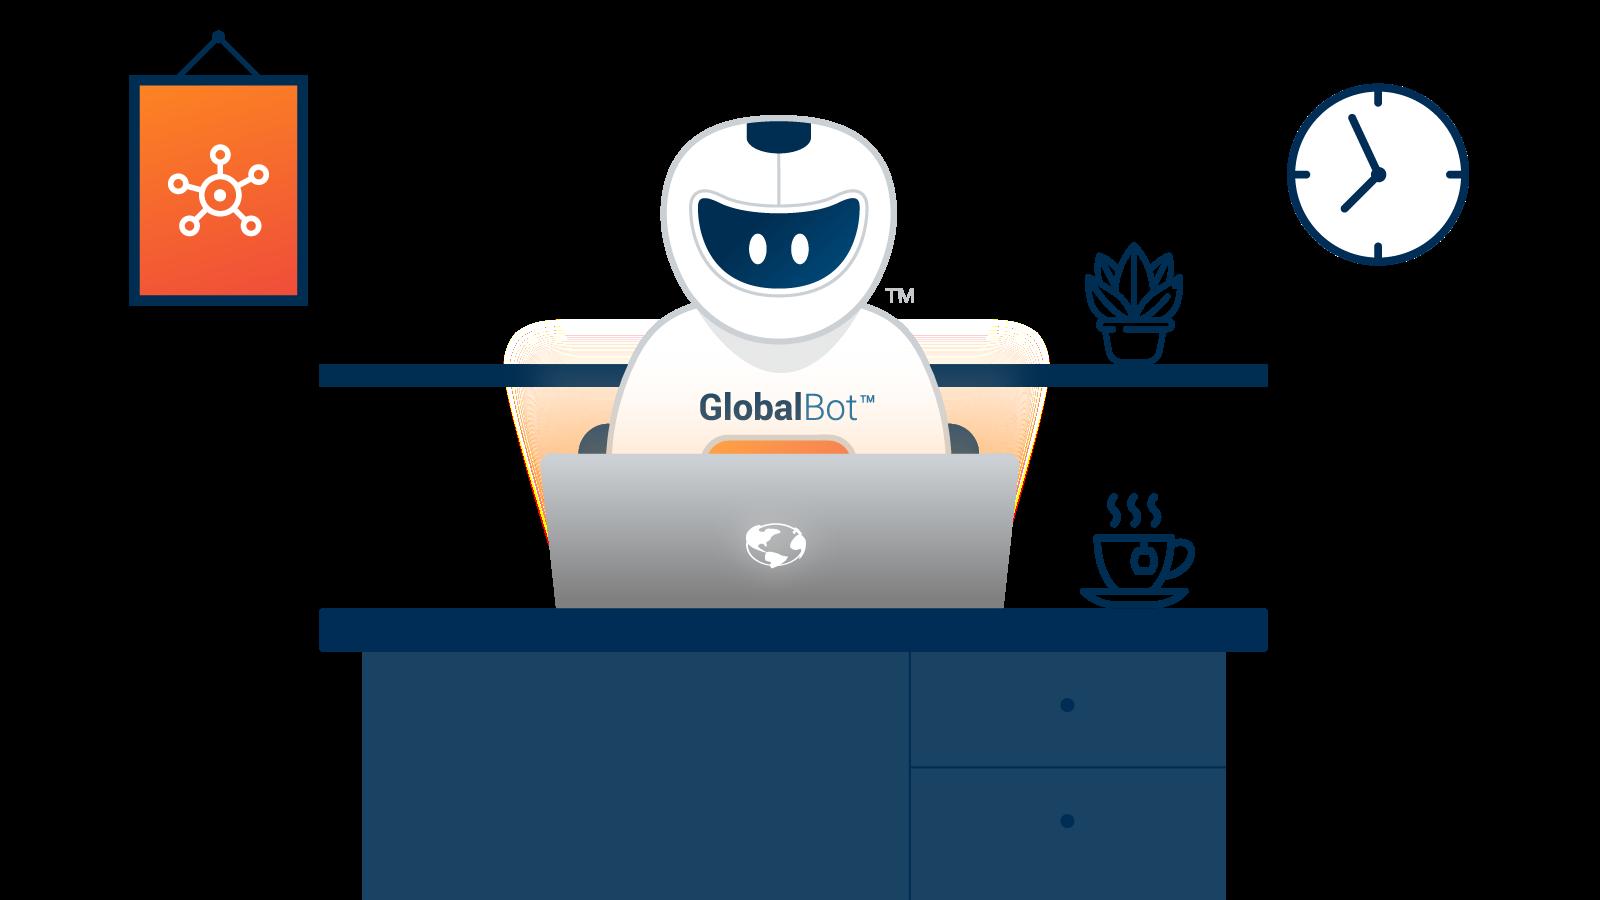 Riverdale Global branding, GlobalBot desk graphic.